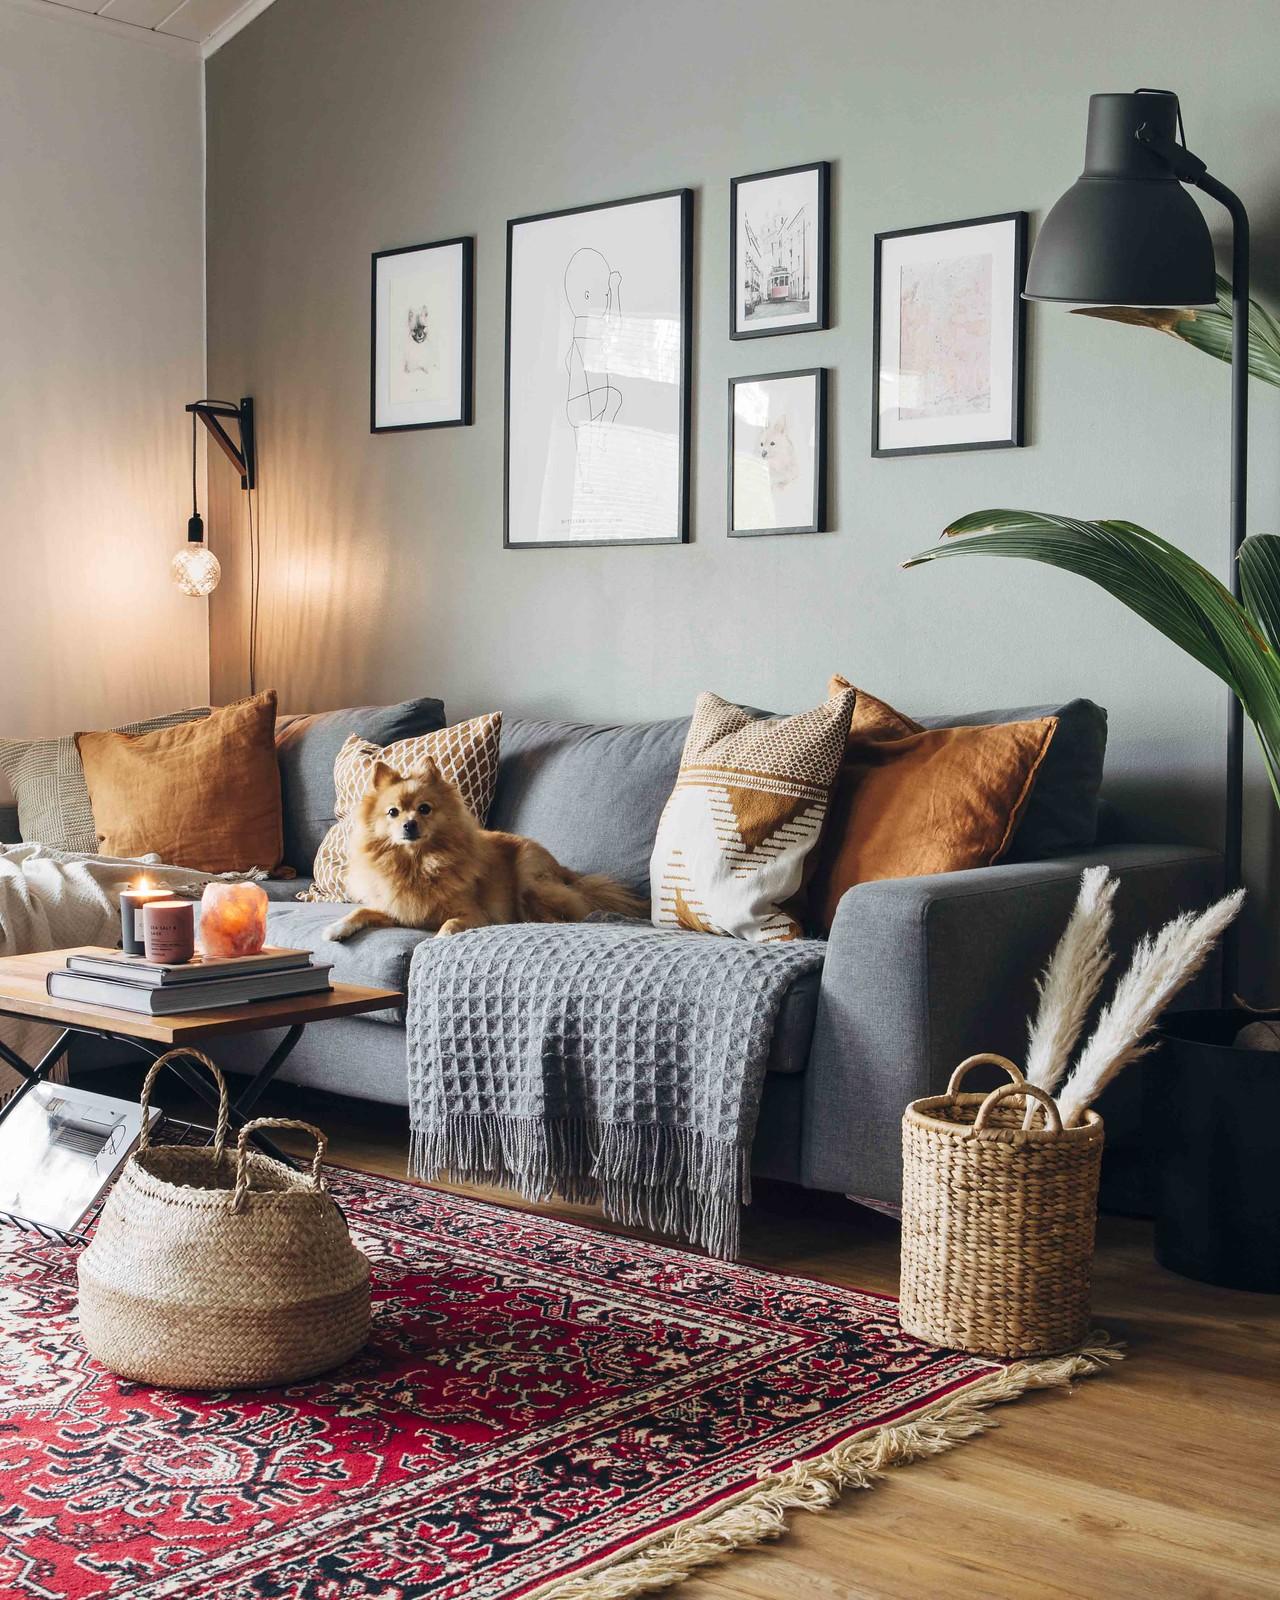 Harmaa sohva harmaata seinää vasten. Sohvalla istuu koira, lattialla on punainen persilainen matto ja riisikori.